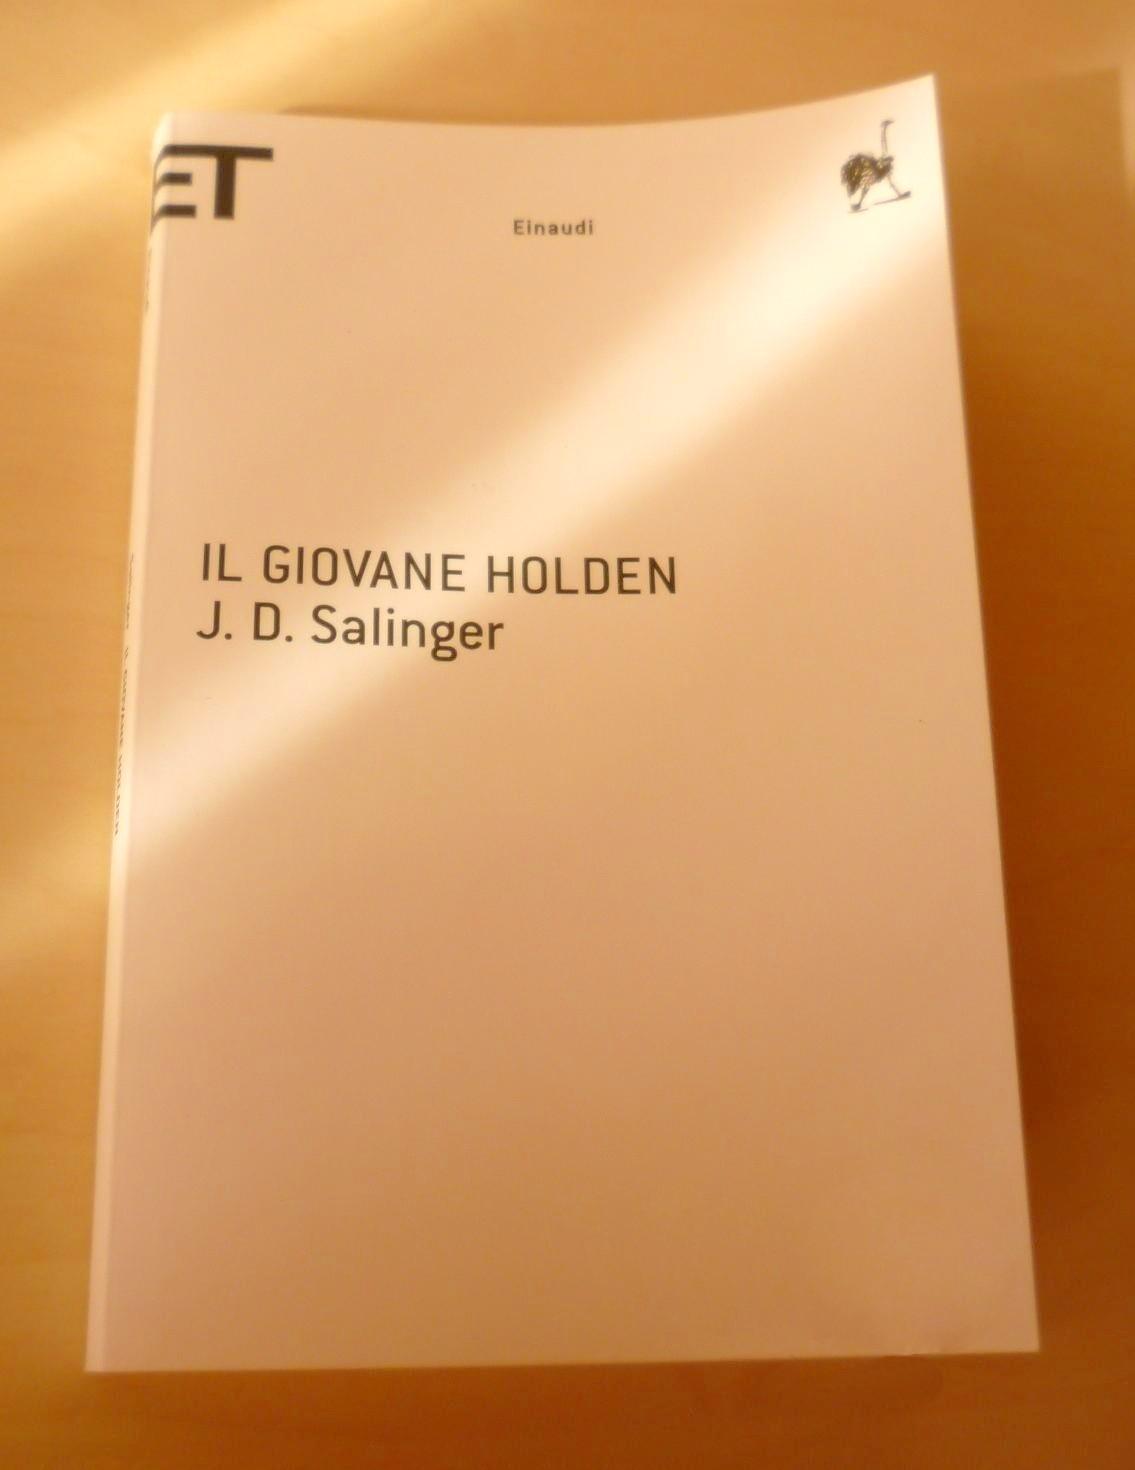 il-giovane-holden-salinger-colombo-matteo-torino-01